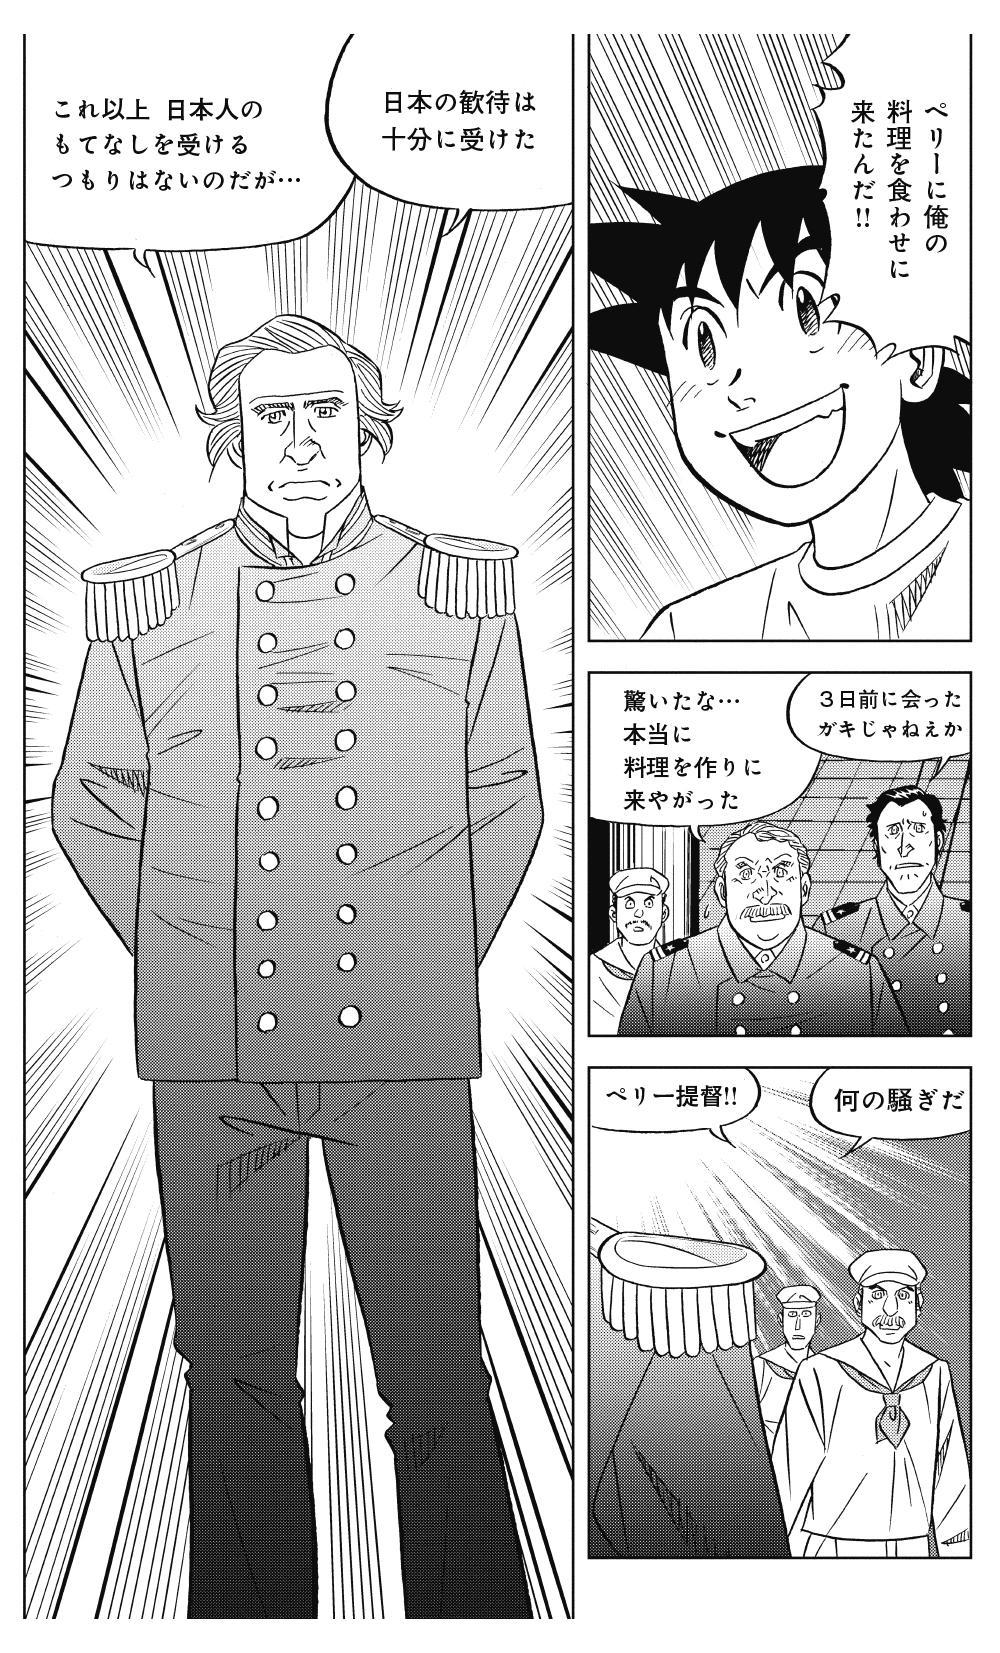 ミスター味っ子 幕末編 第1話「黒船来航」③ajikko27.jpg